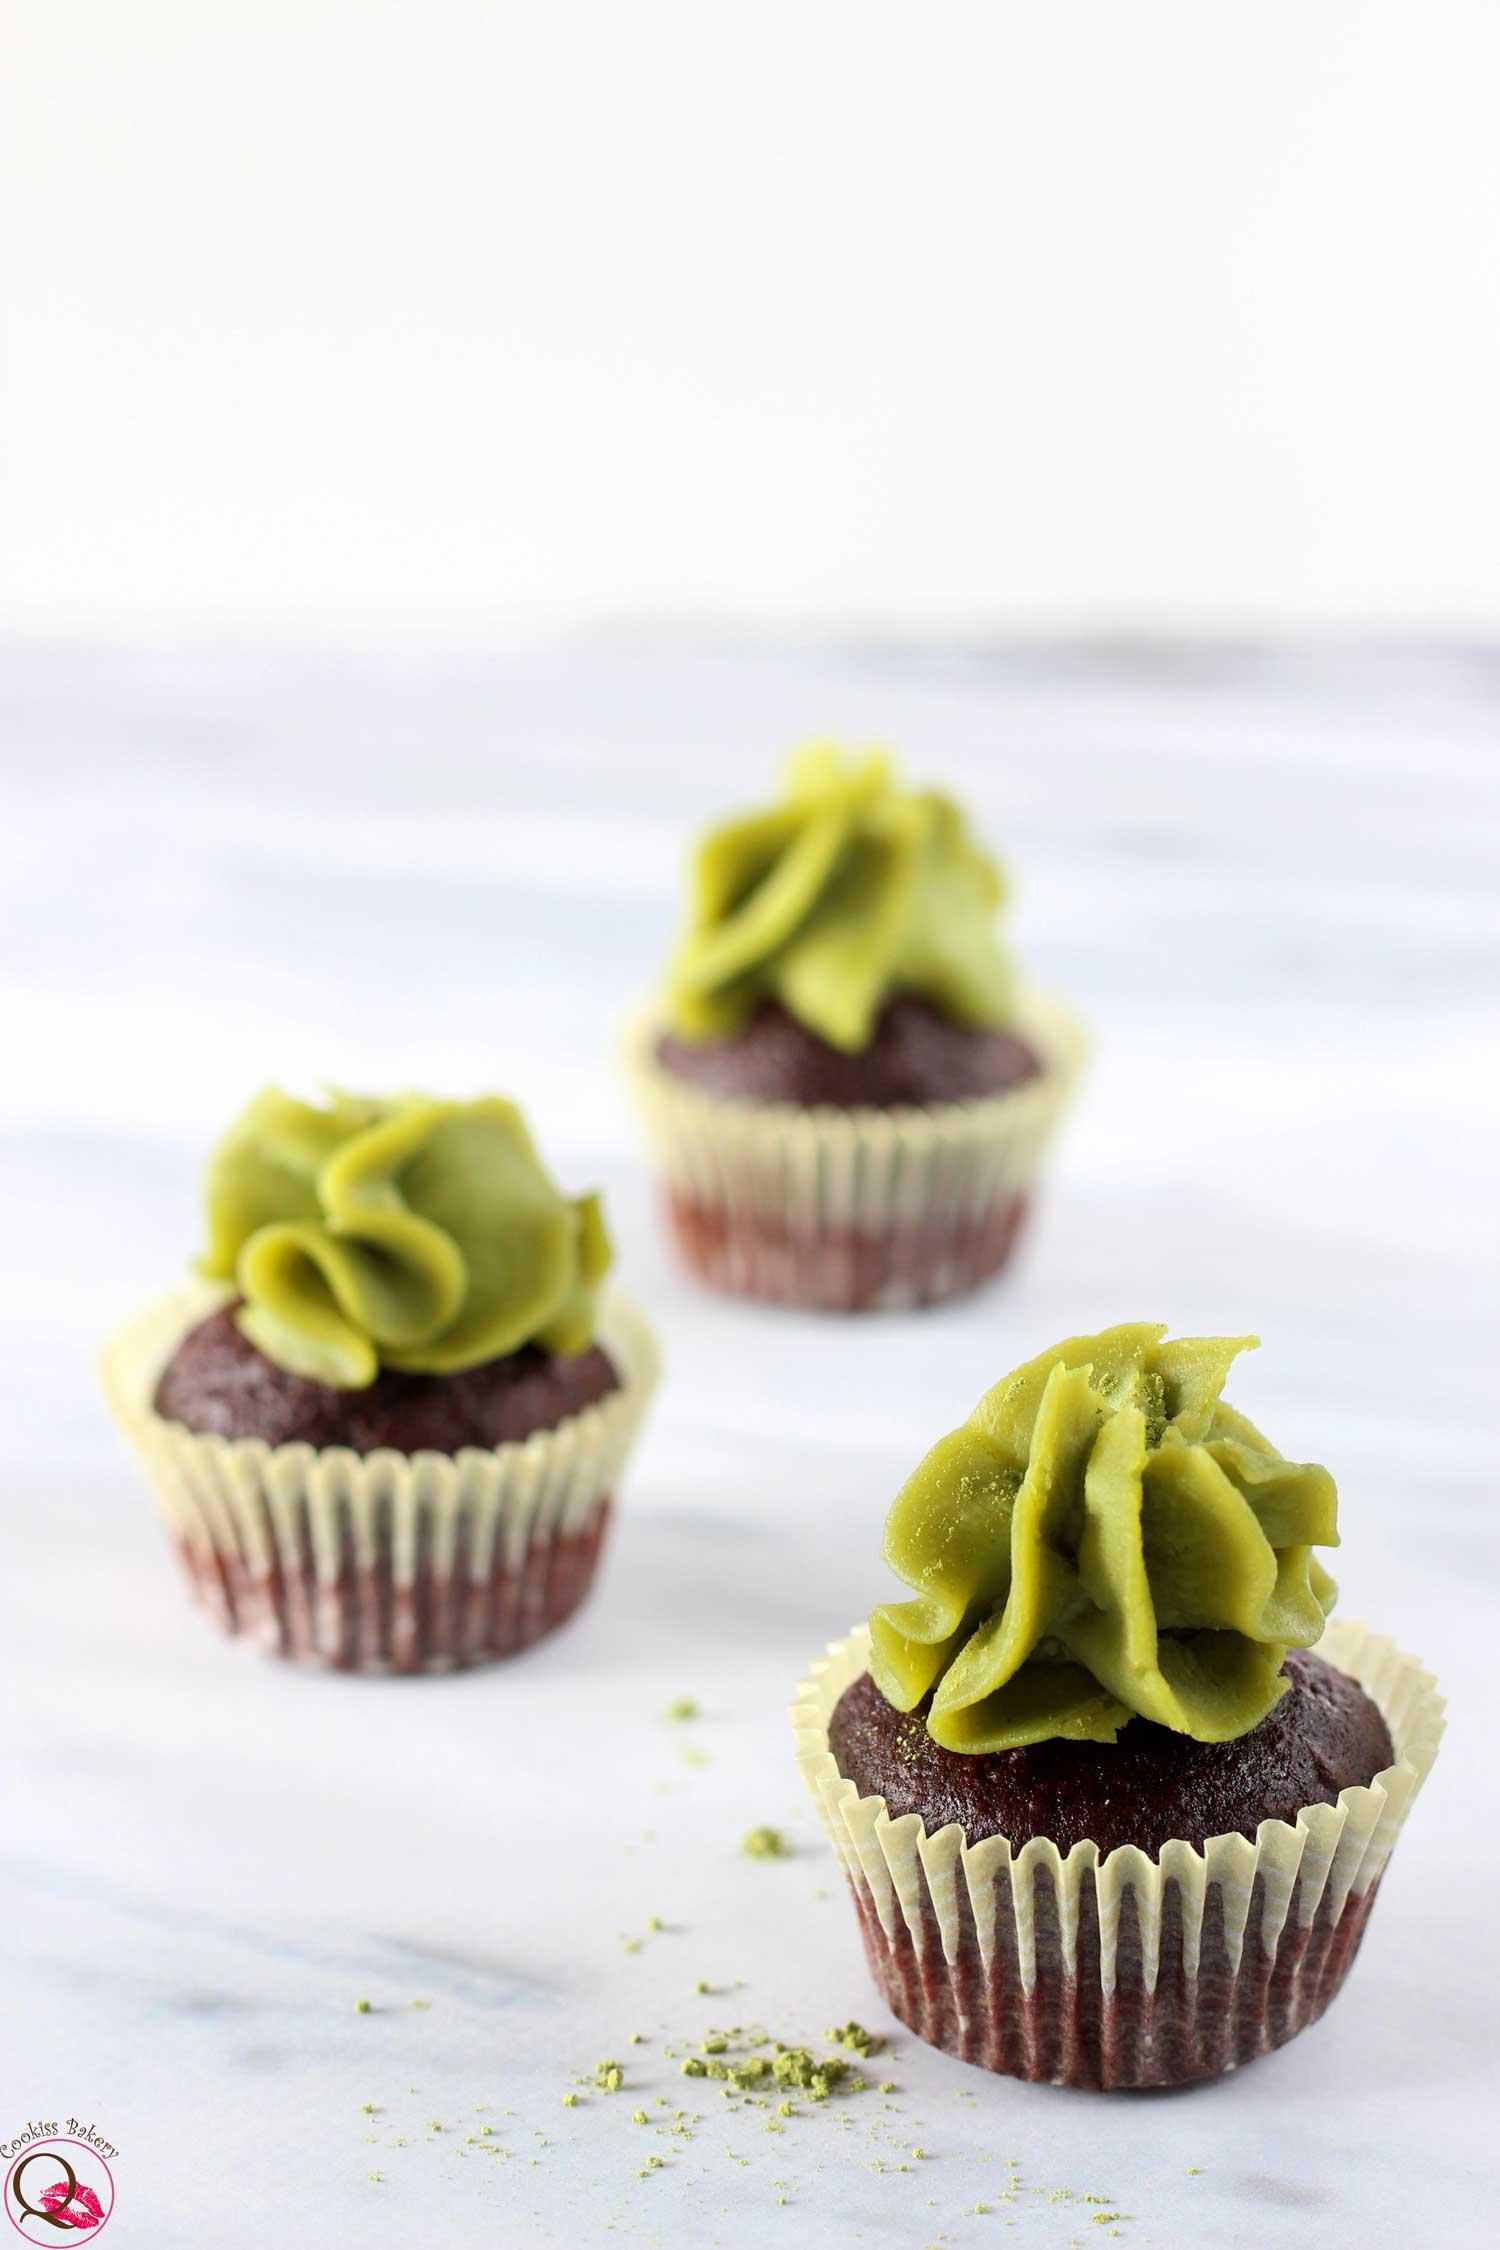 mini cupcakes al cioccolato fondente e Nutella di pistacchio